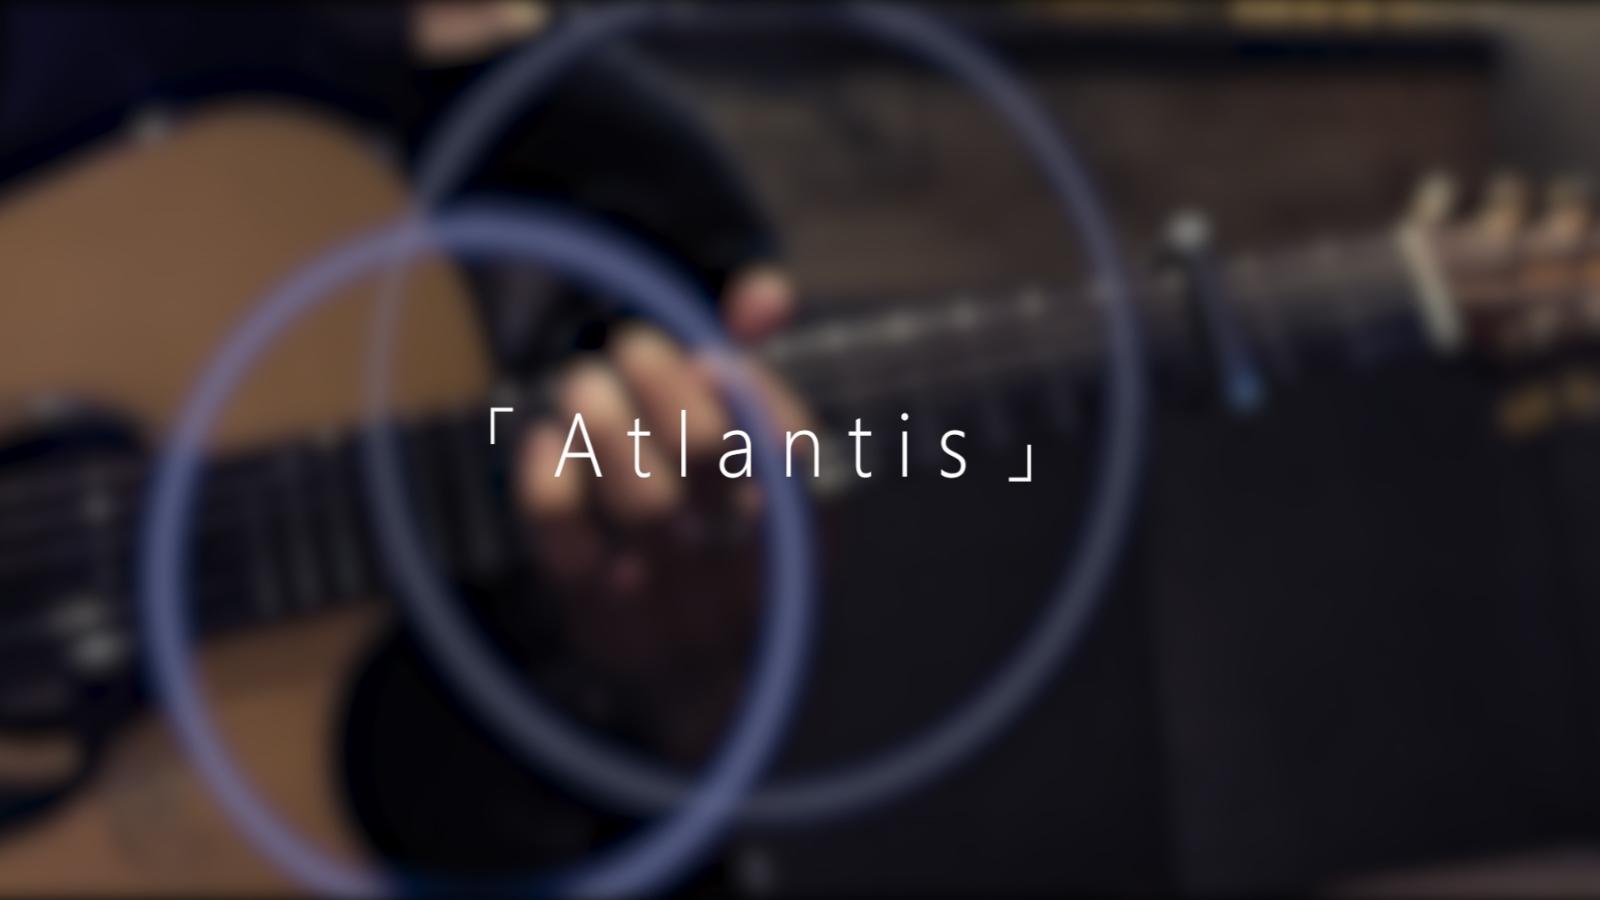 戴上耳机!感受吉他带来的深海世界!亚特兰蒂斯「Atlantis」 - GIN